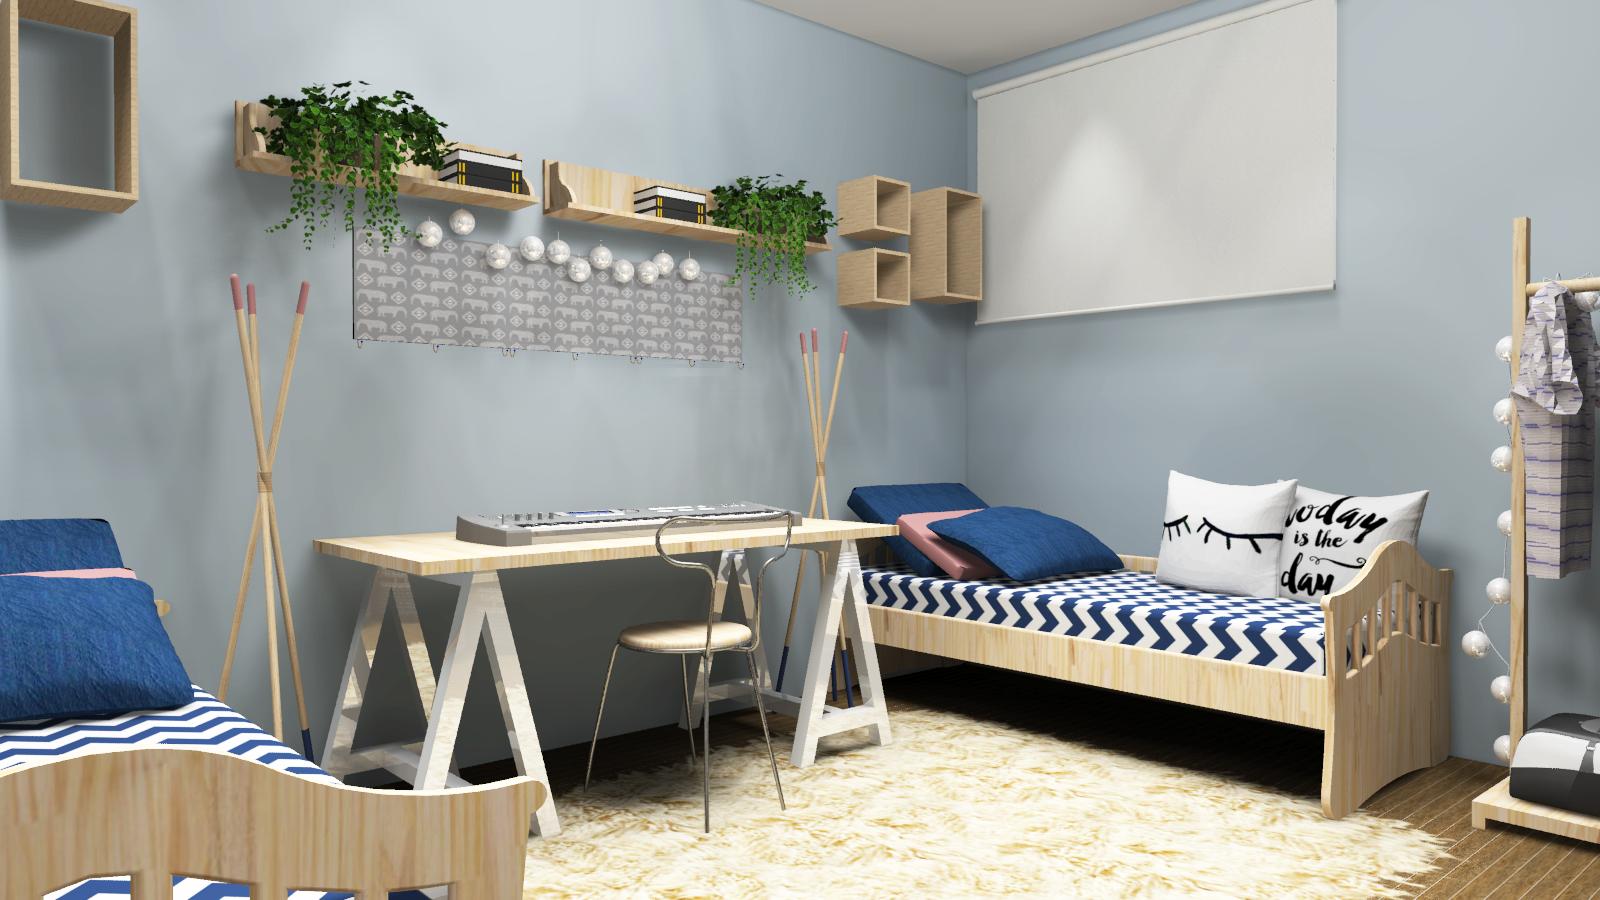 Інтер'єр кімнати в скандинавському стилі